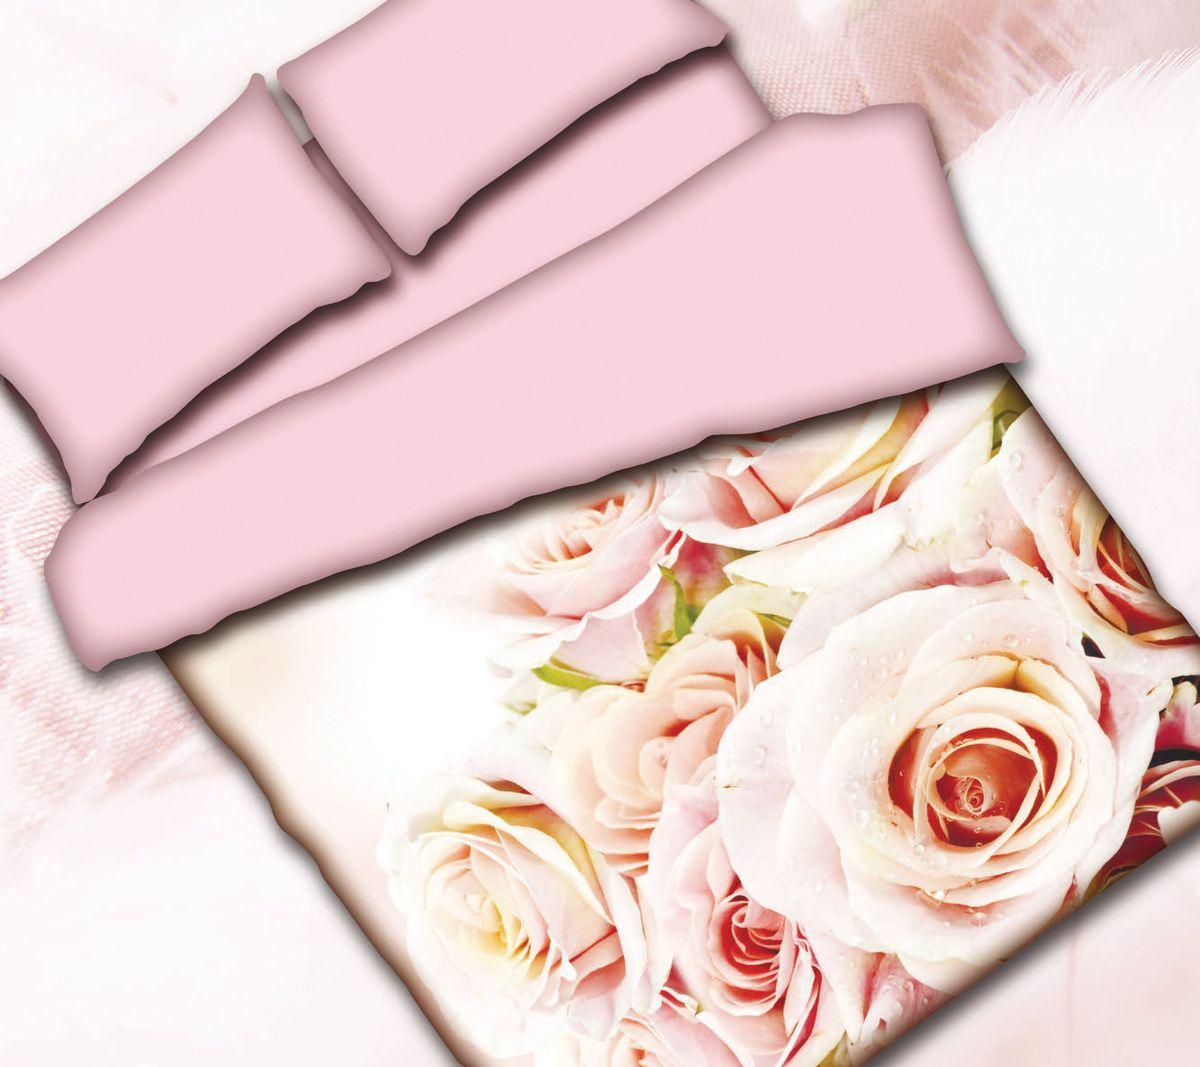 Комплект белья Коллекция Розы, 2,5-спальный, наволочки 70x70. СРП2,5/70/ОЗ/розыСРП2,5/70/ОЗ/розы